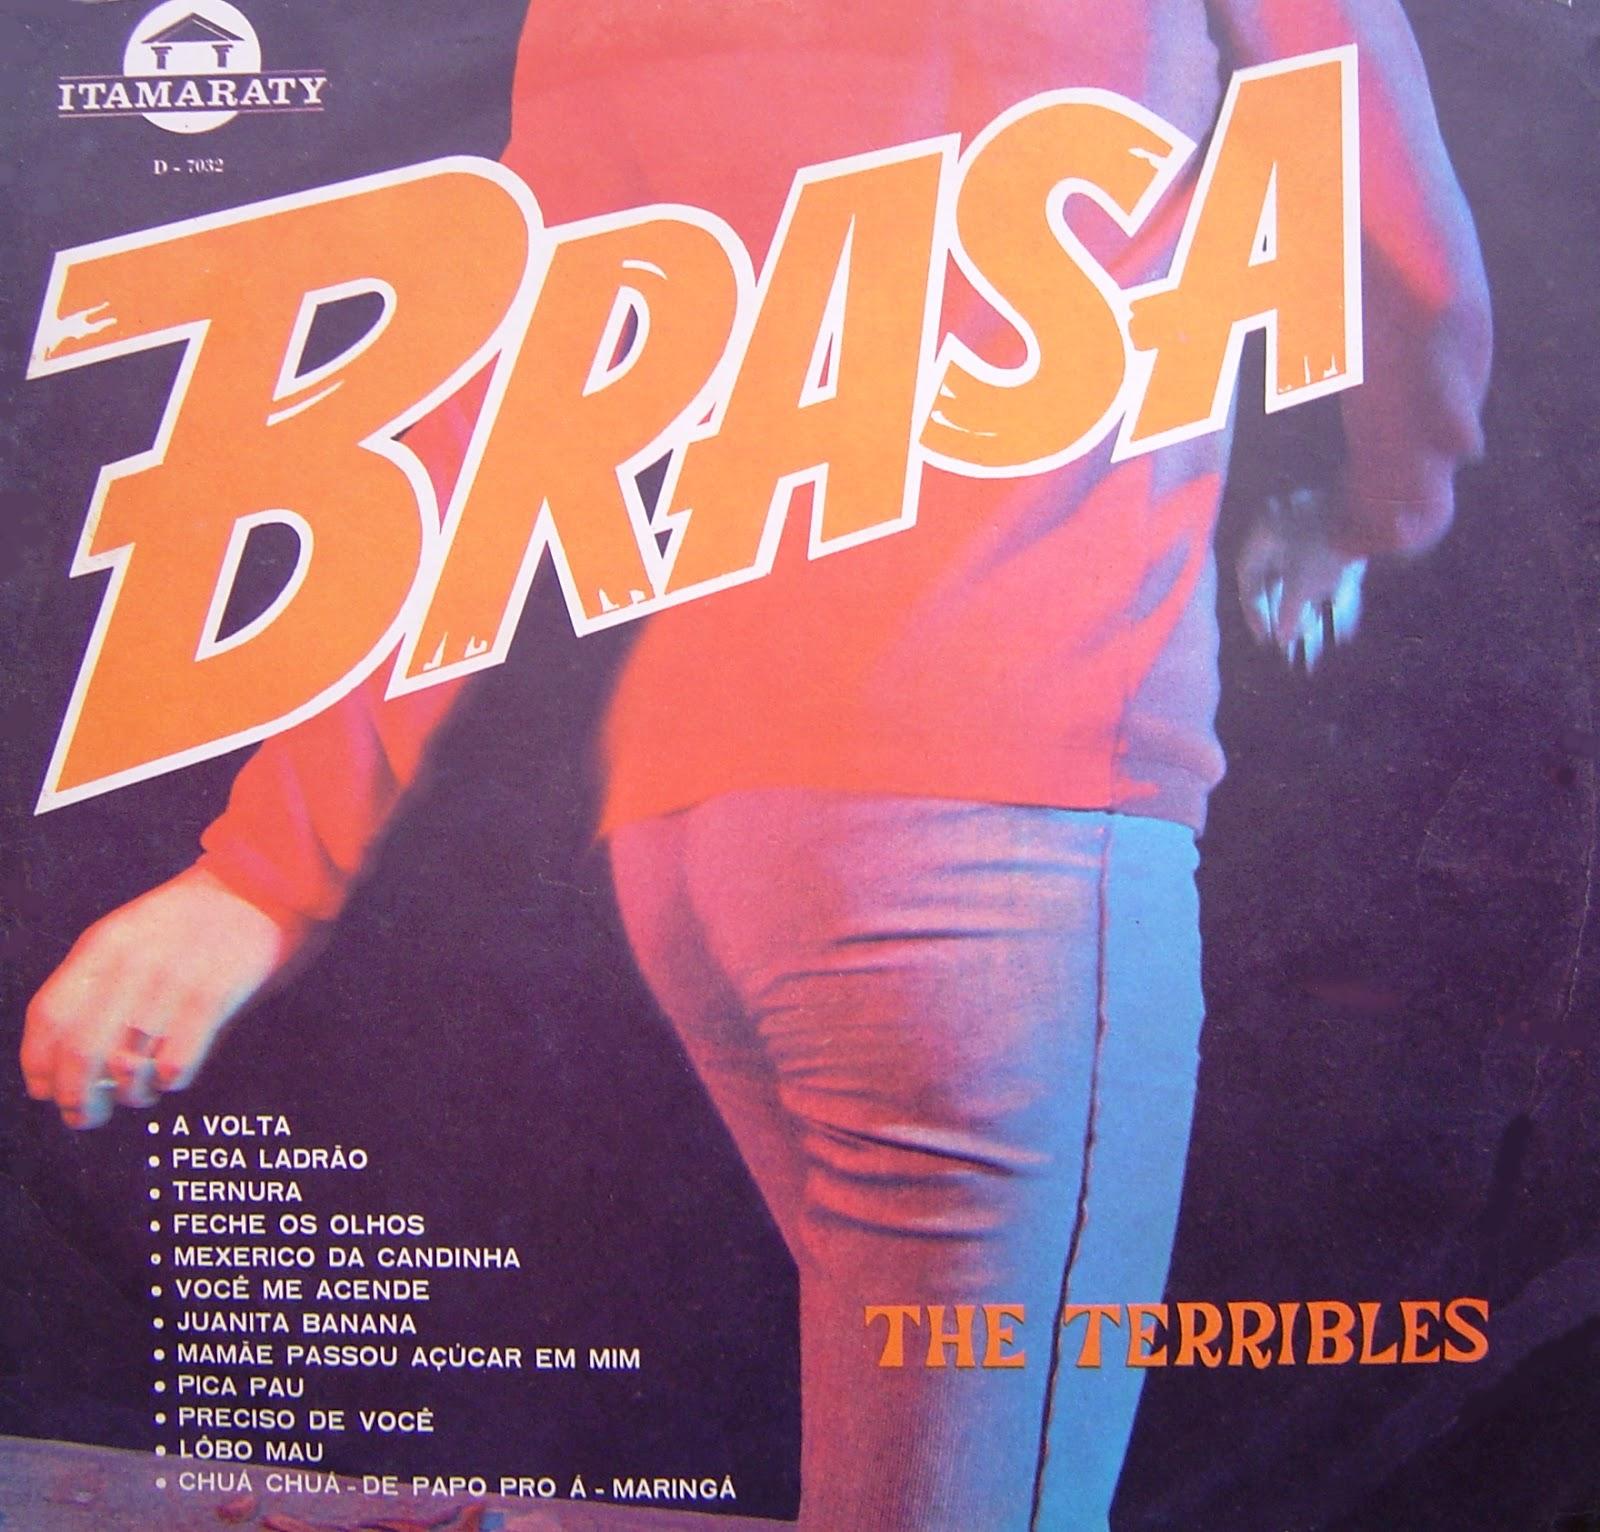 4ef9d5ece466d The Terribles - Brasa (1966). A01. A Volta (faixa c clik) A02. Pega Ladrão  A03. Ternura A04. Feche os Olhos A05. Mexerico da Candinha A06. Você Me  Acende